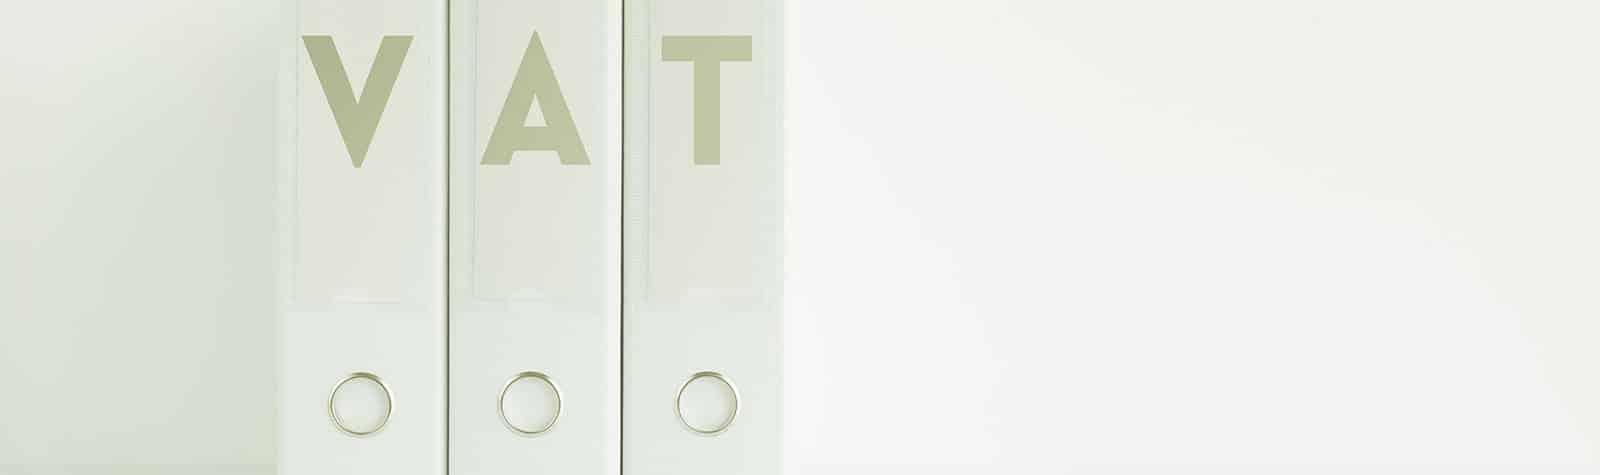 Podatek VAT i cło w Norwegii – o czym warto pamiętać?